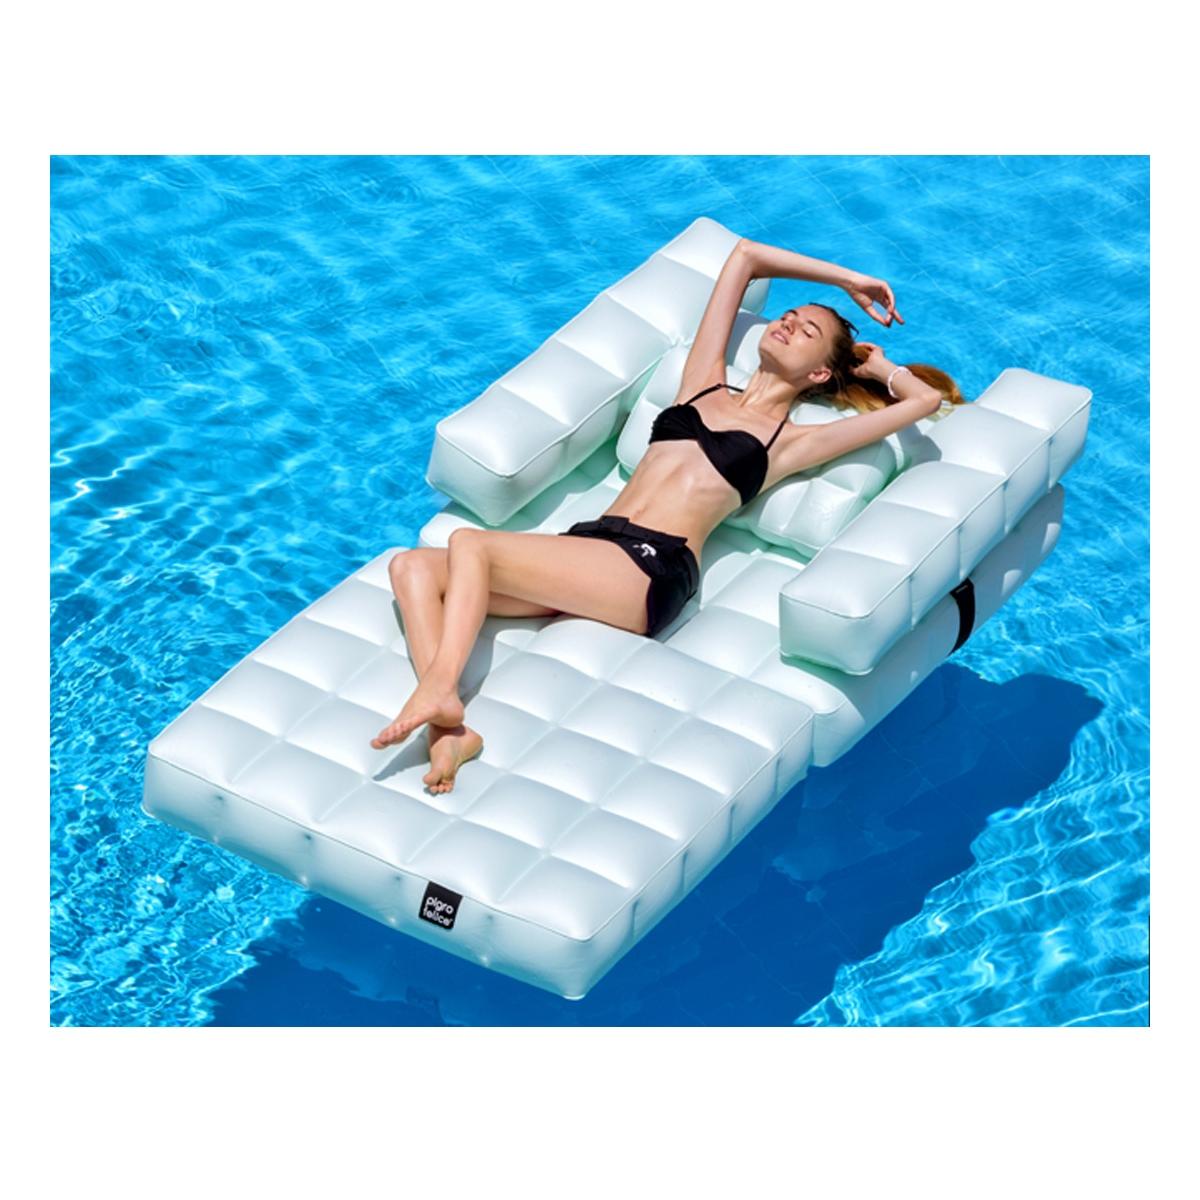 jeux de piscine pour un t fun deco maison design. Black Bedroom Furniture Sets. Home Design Ideas